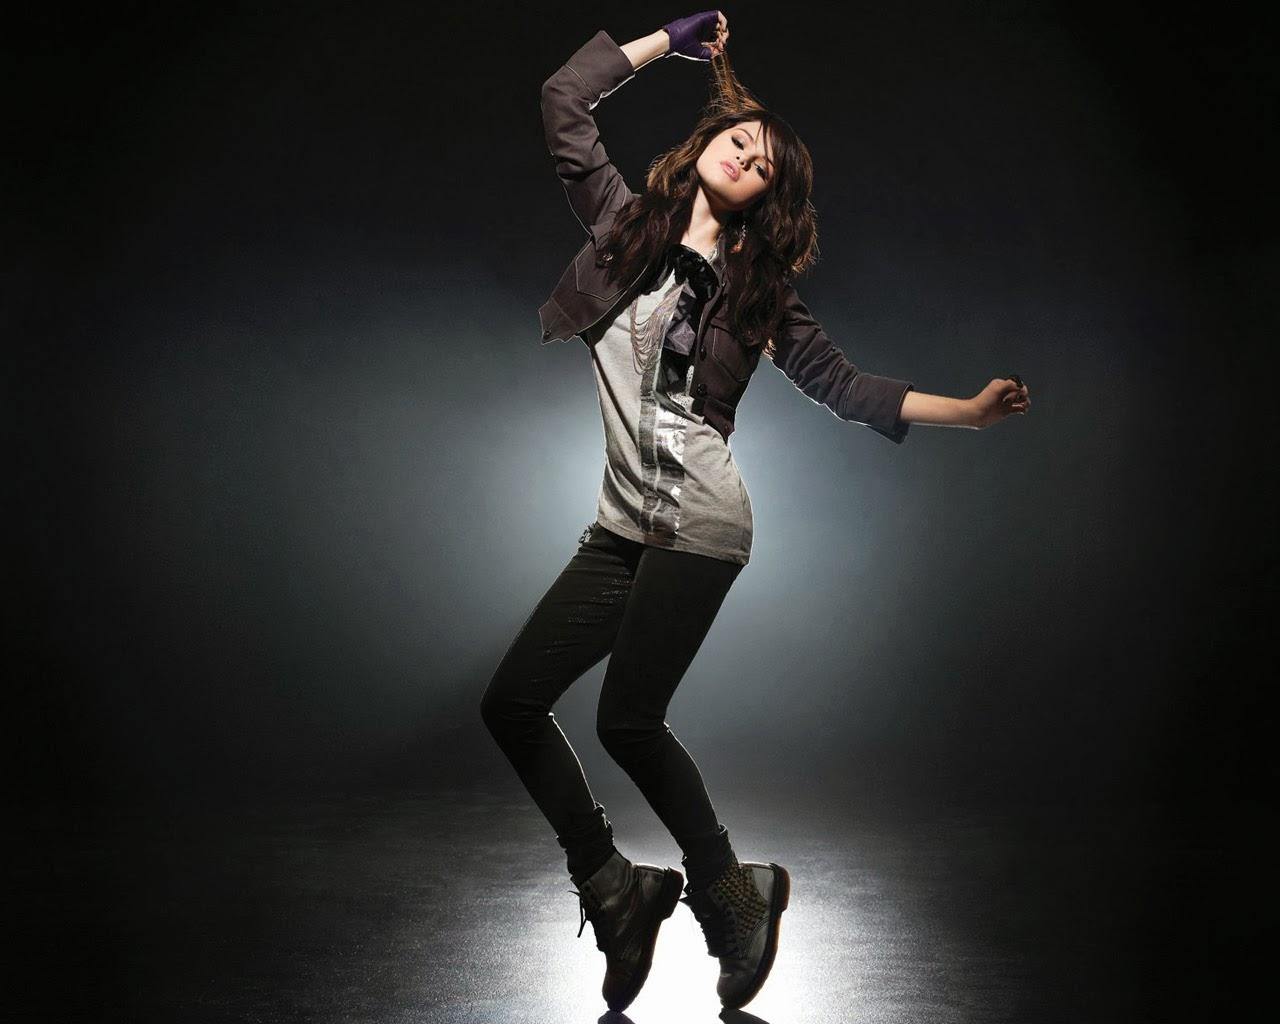 """<img src=""""http://4.bp.blogspot.com/-hI9uz5tz-UY/Ut09jkXC4iI/AAAAAAAAJTc/dKYBNvB036I/s1600/selena-gomez-in-dancing.jpg"""" alt=""""selena gomez dancing"""" />"""